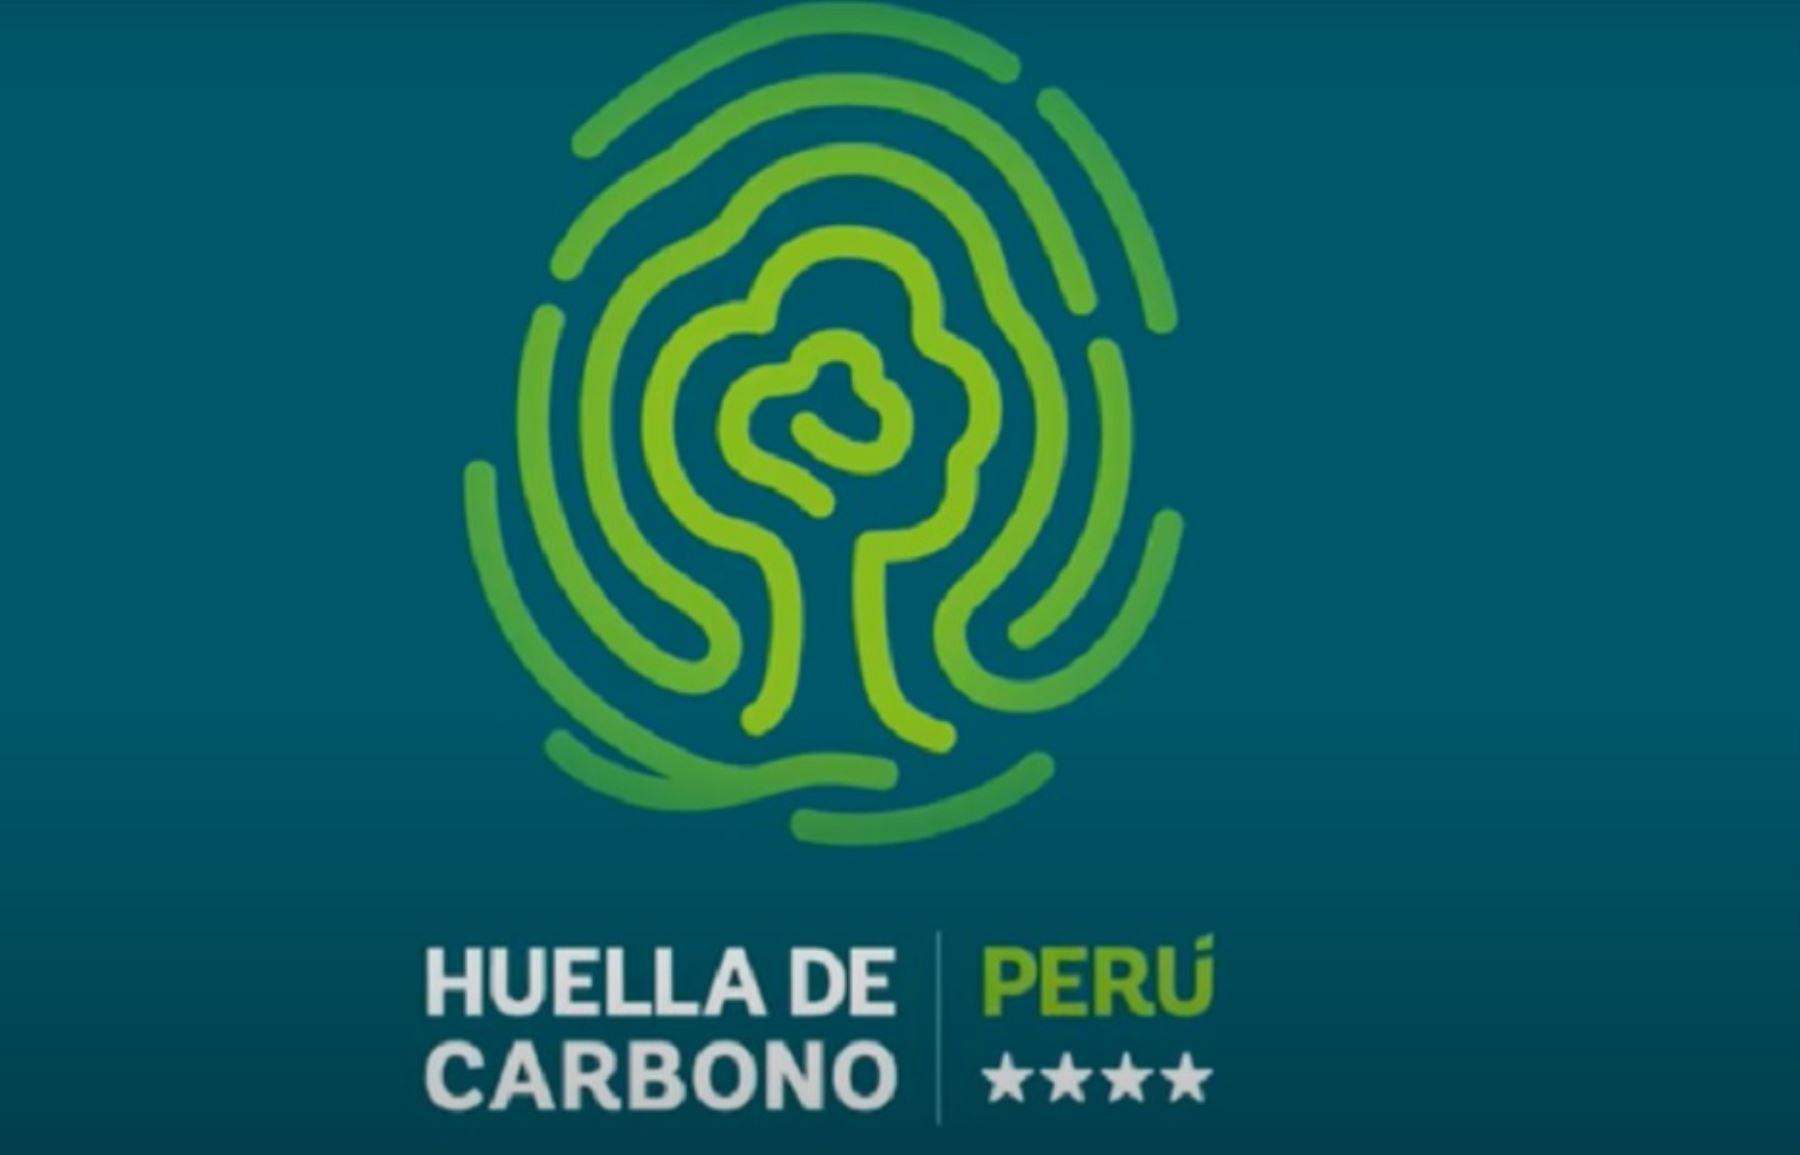 La Huella de Carbono Perú es una herramienta innovadora y de acción climática del Estado peruano.